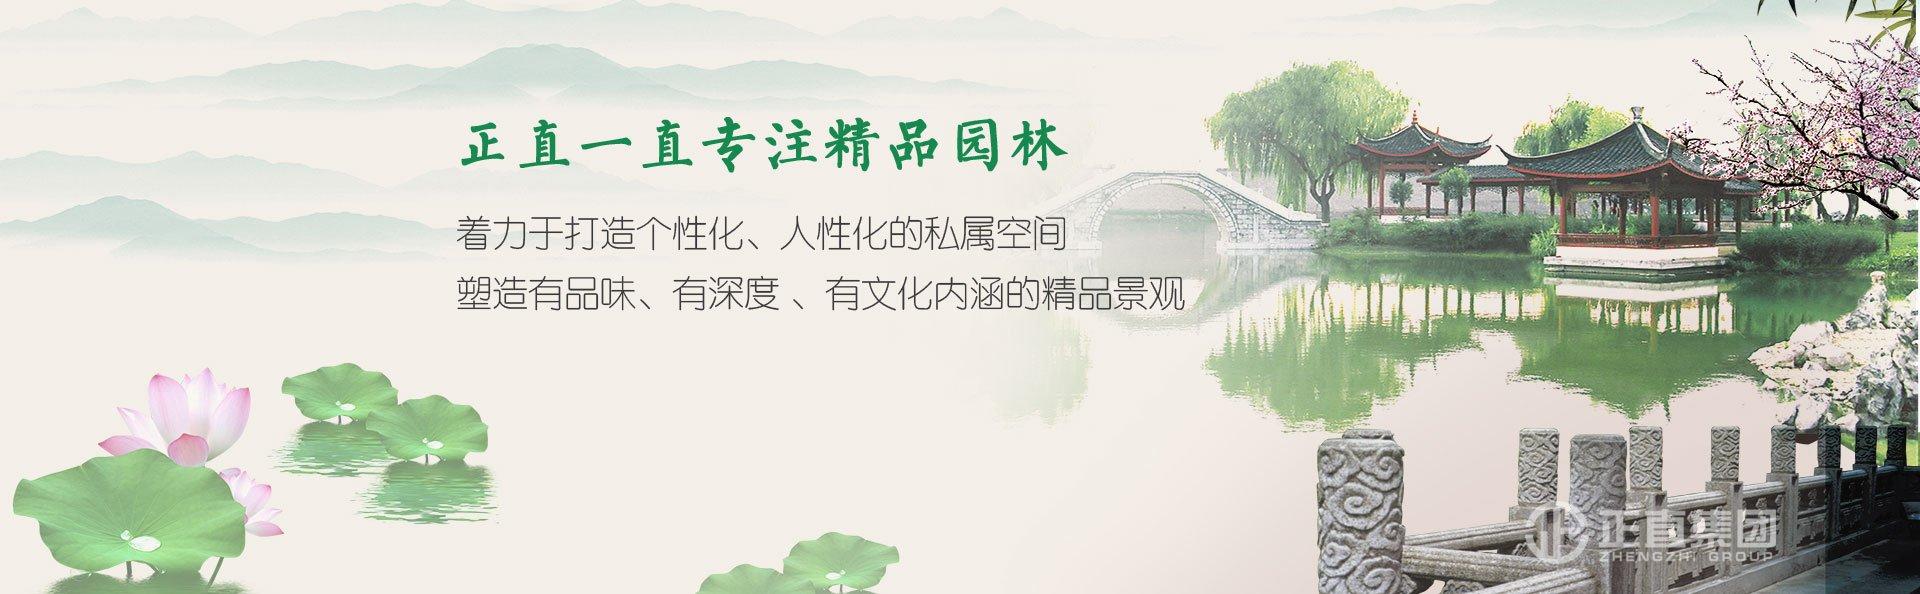 【超碰caoporn汽车主题公园】新年致敬奋斗者